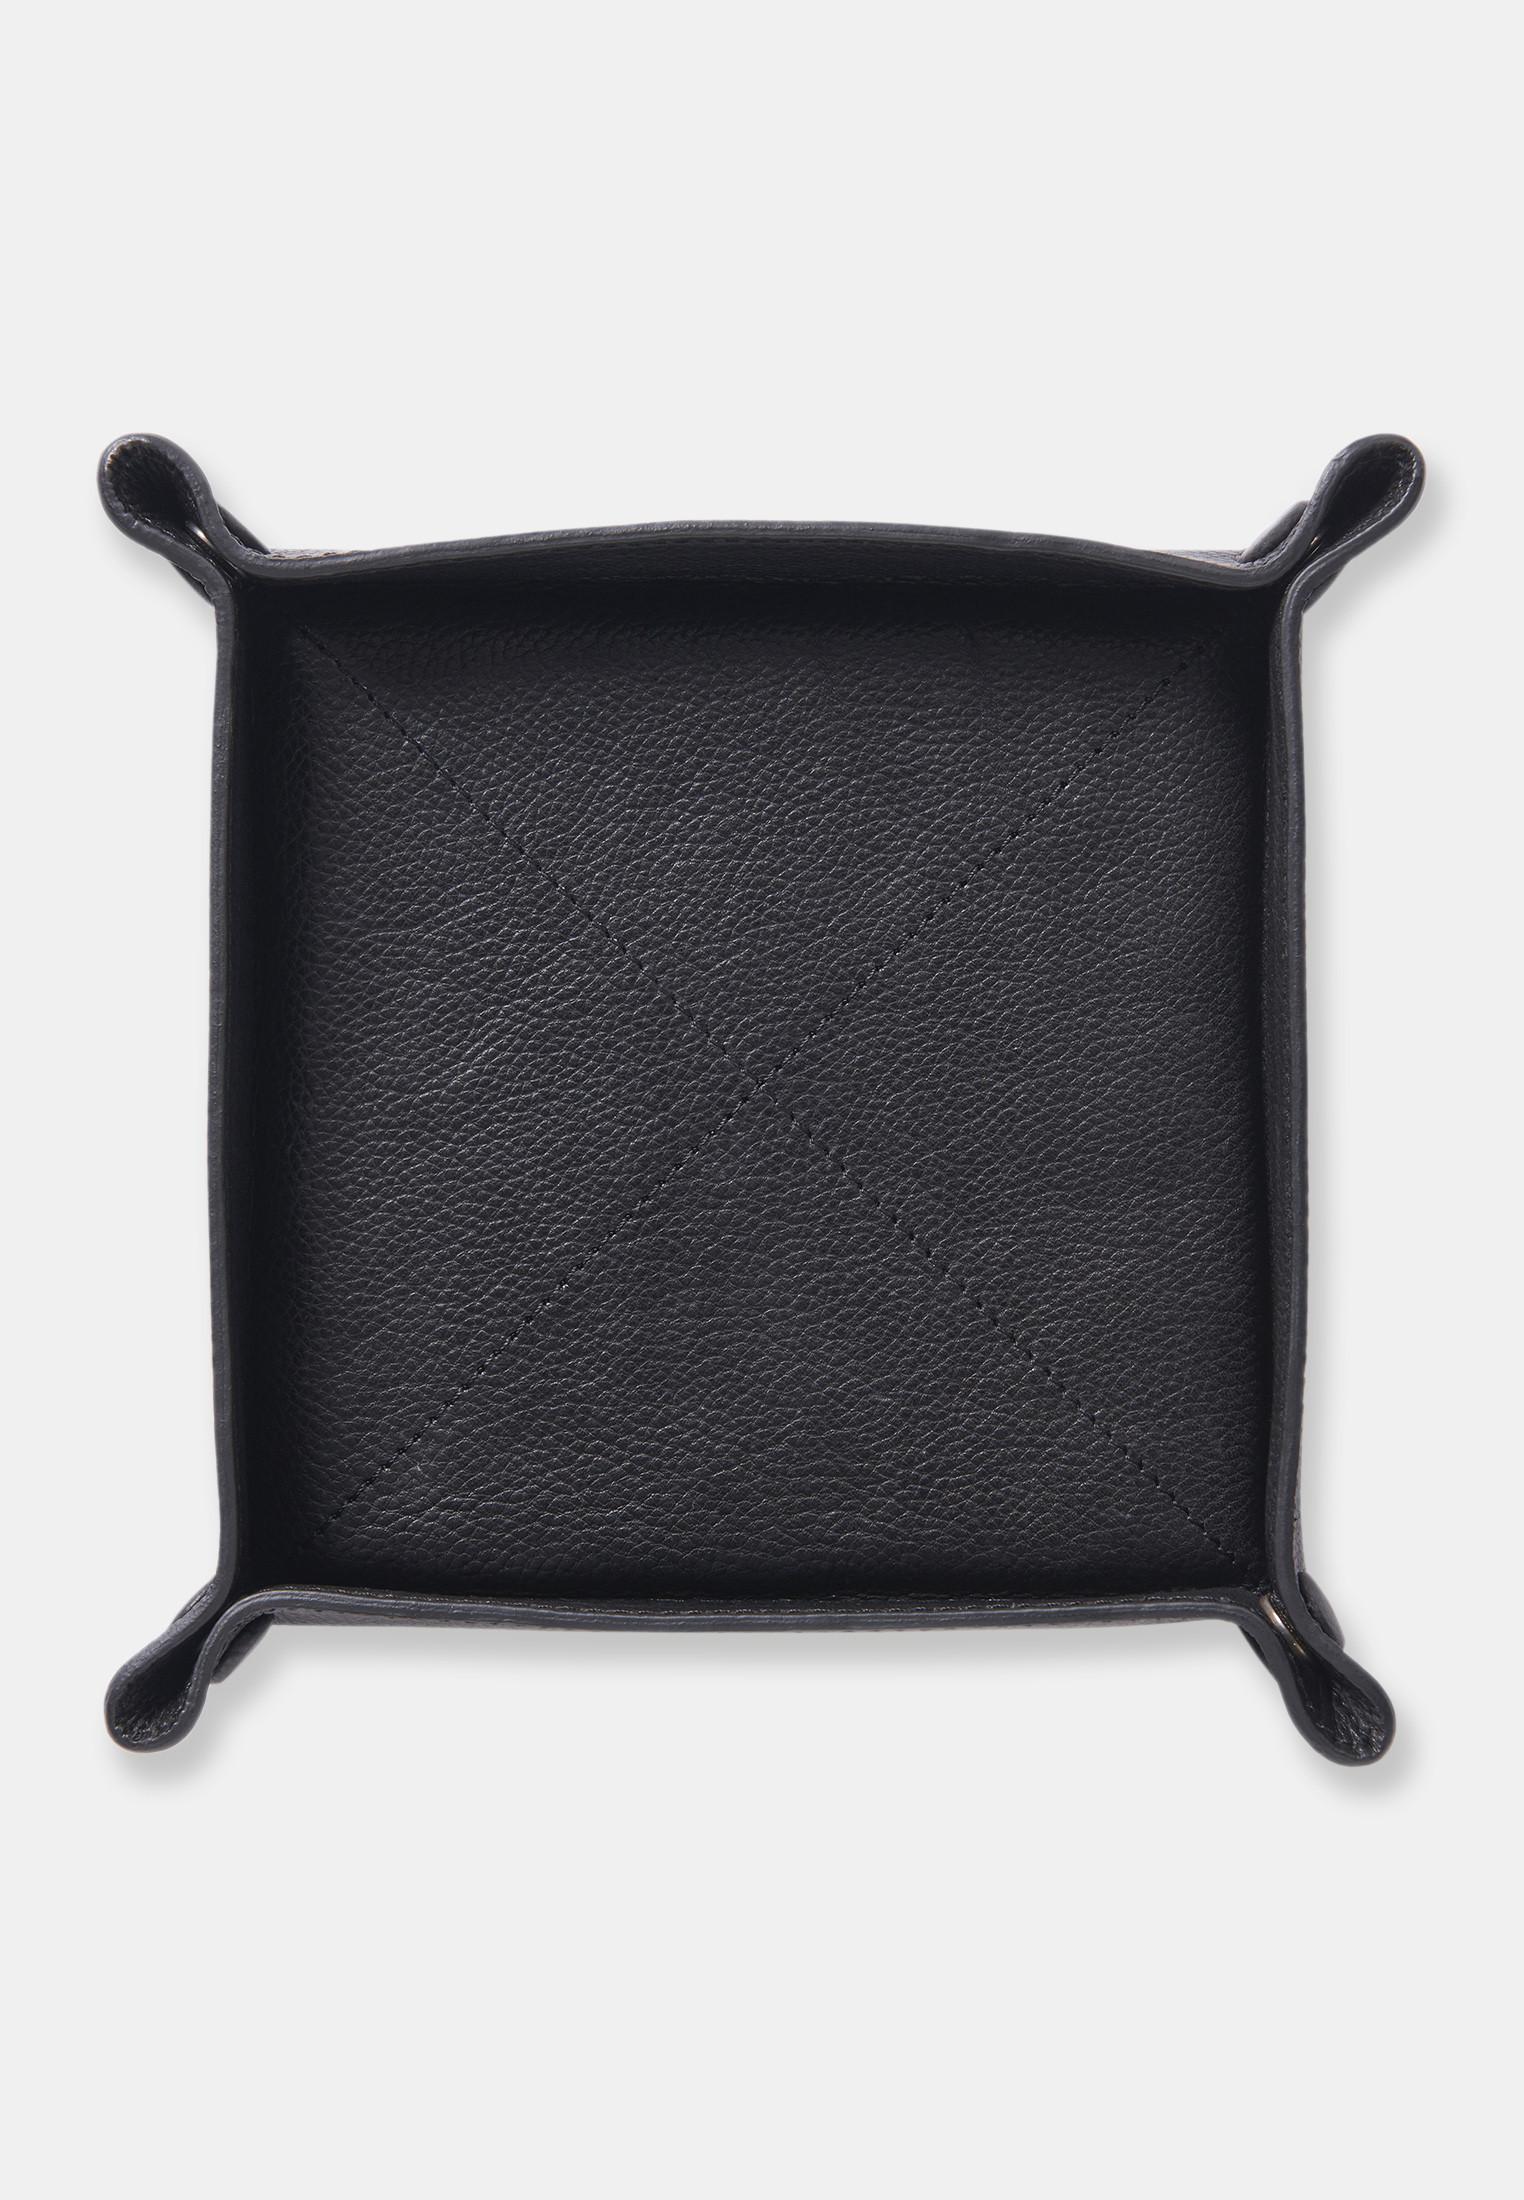 Black Coin Holder